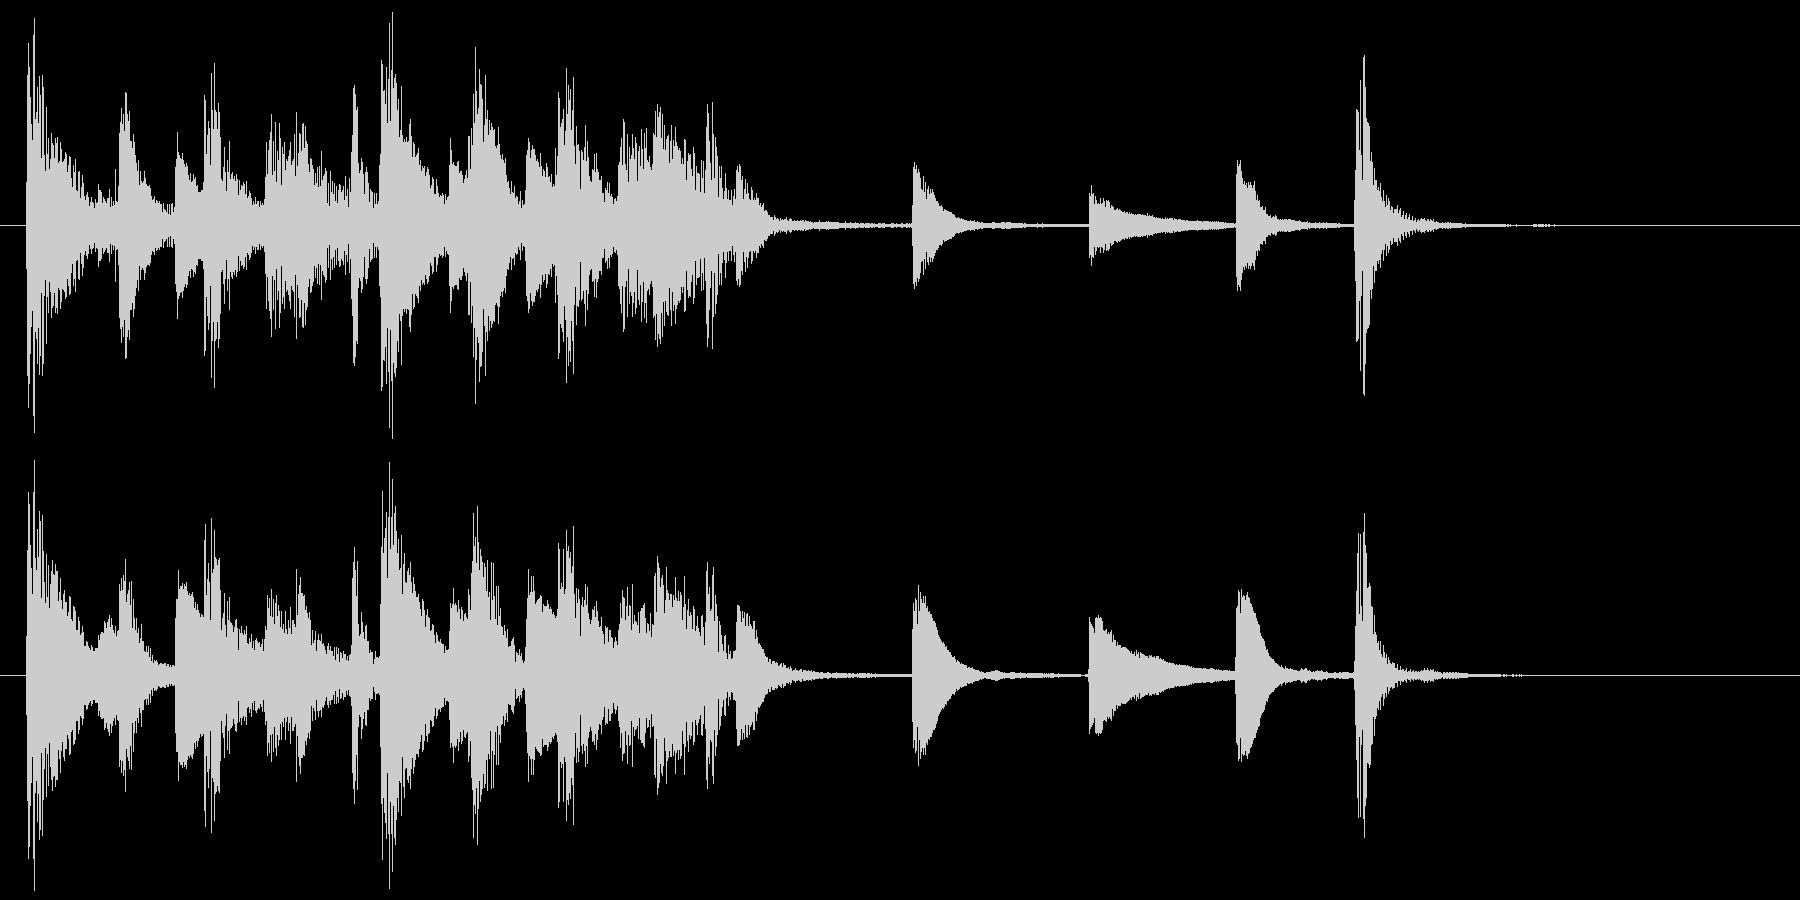 ジングル(ジャジー1)の未再生の波形